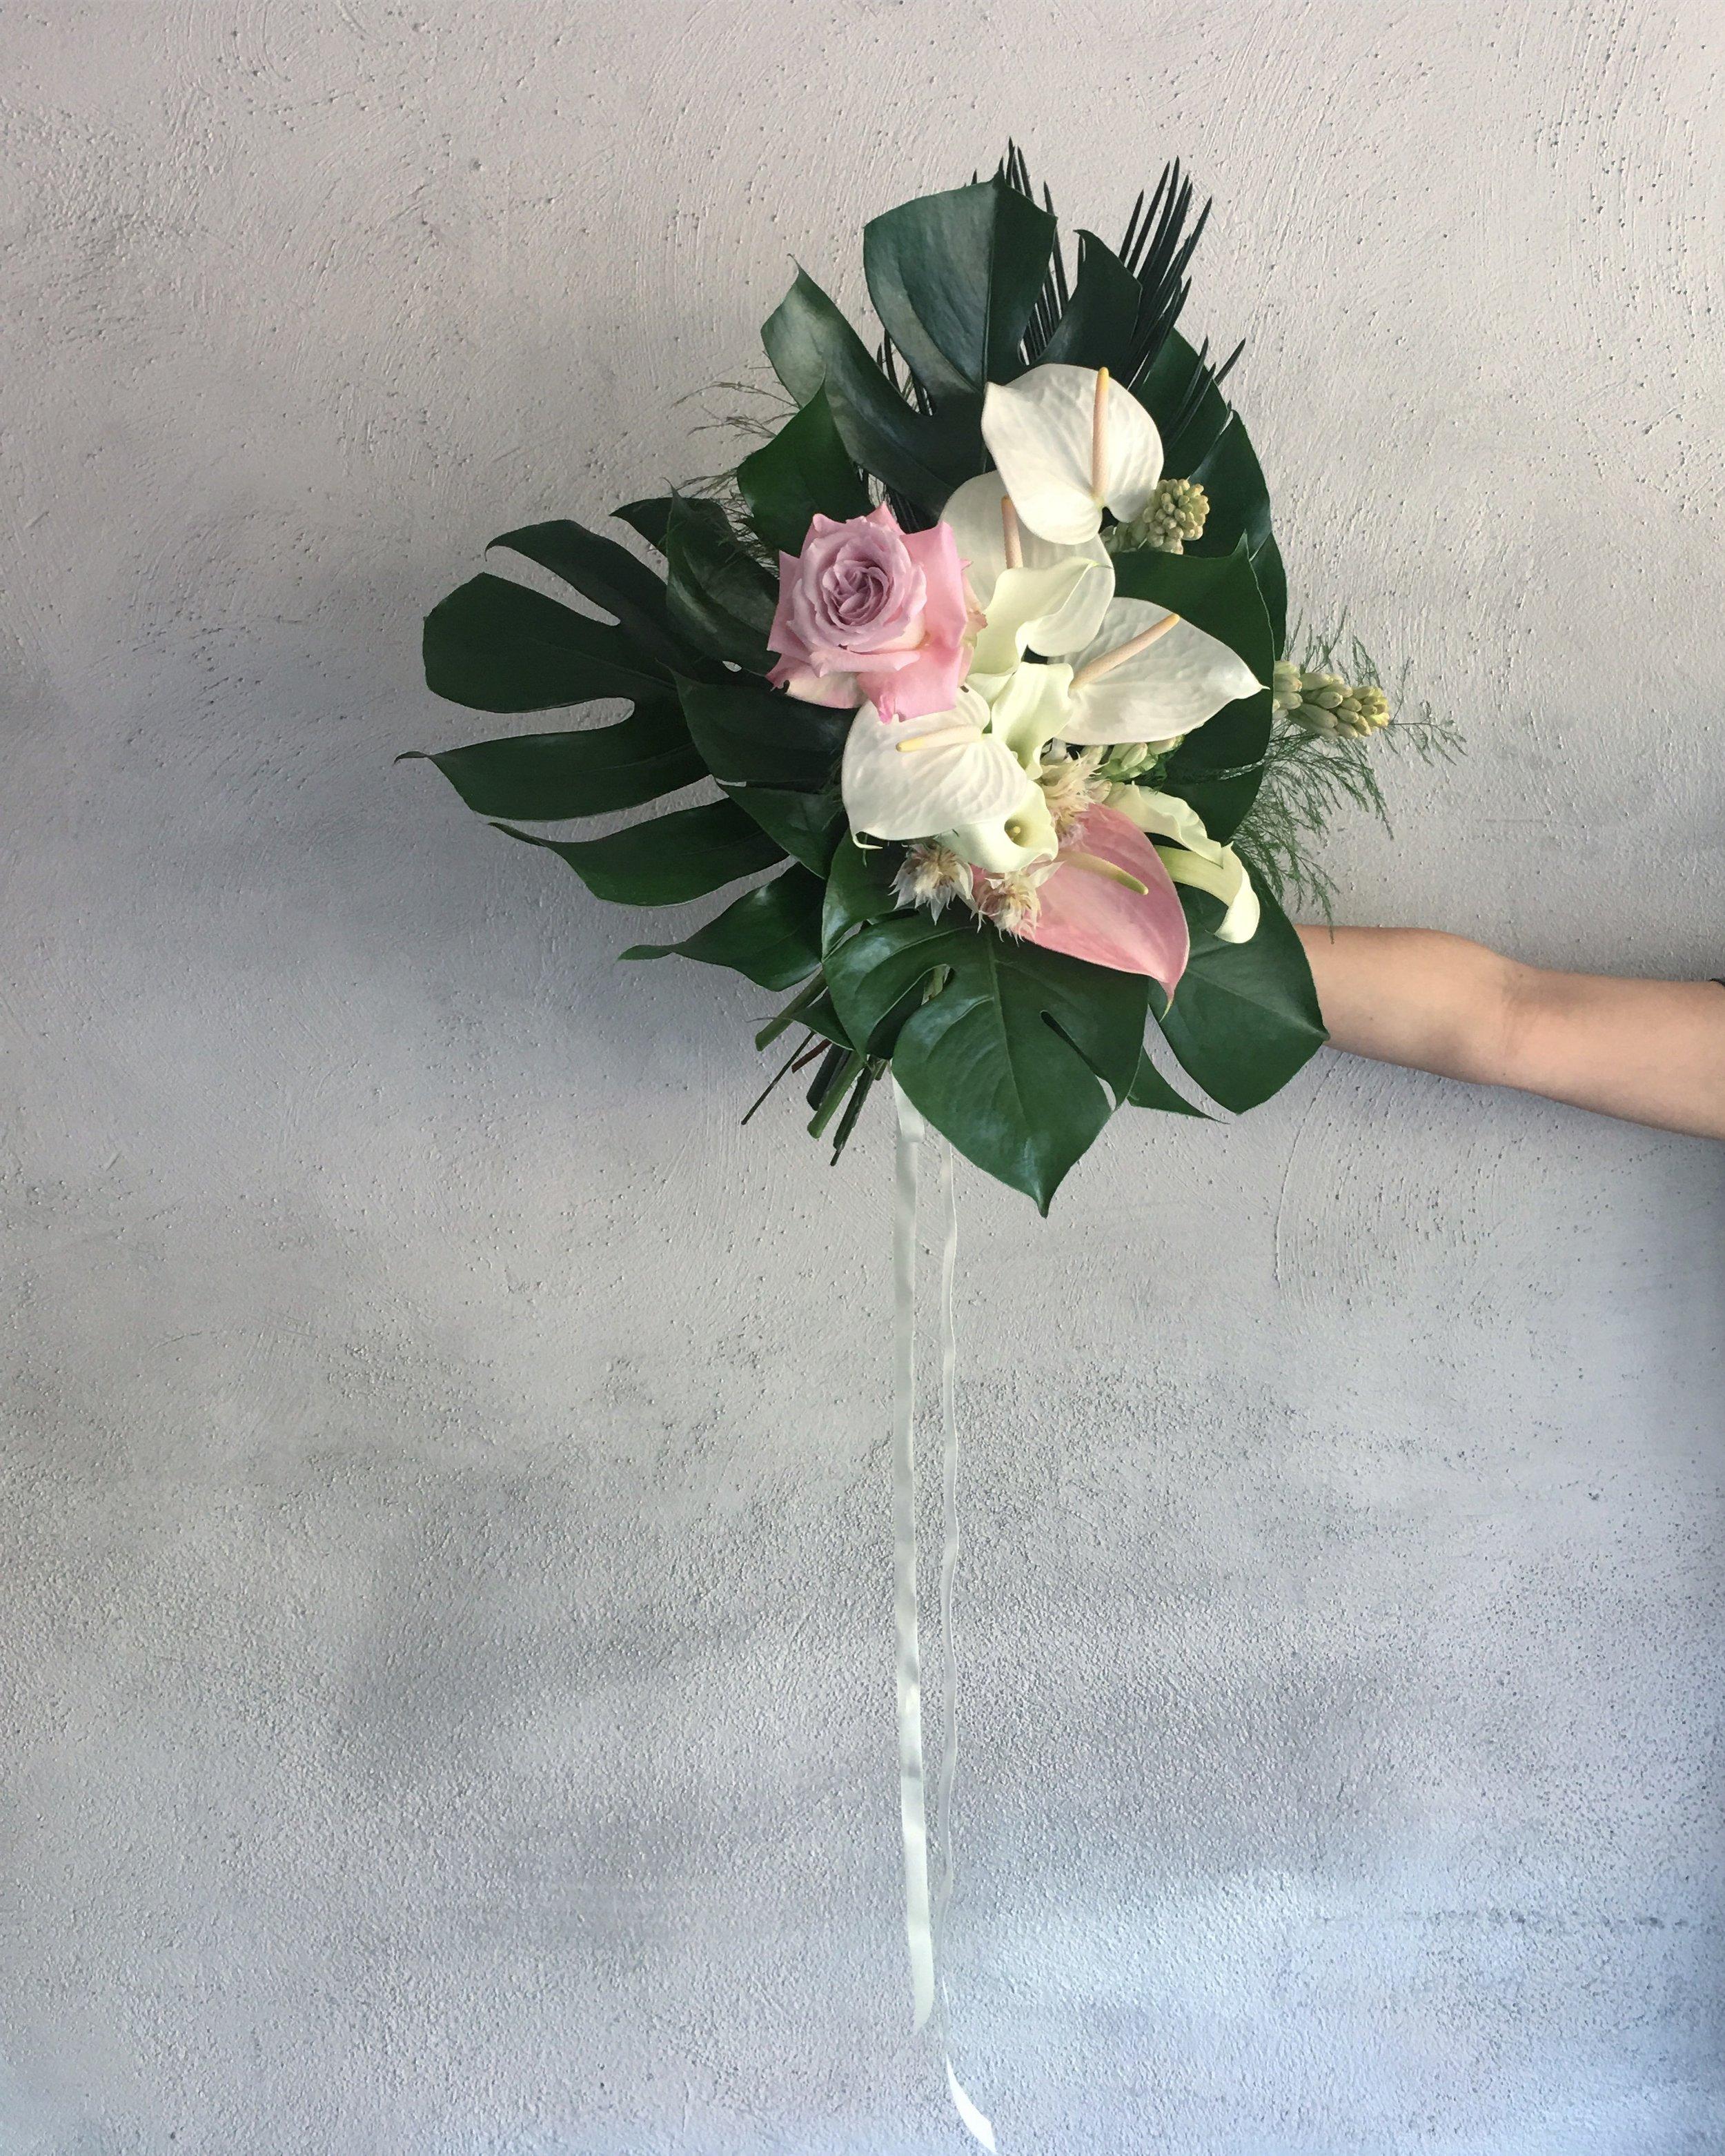 Adriana's bouquet